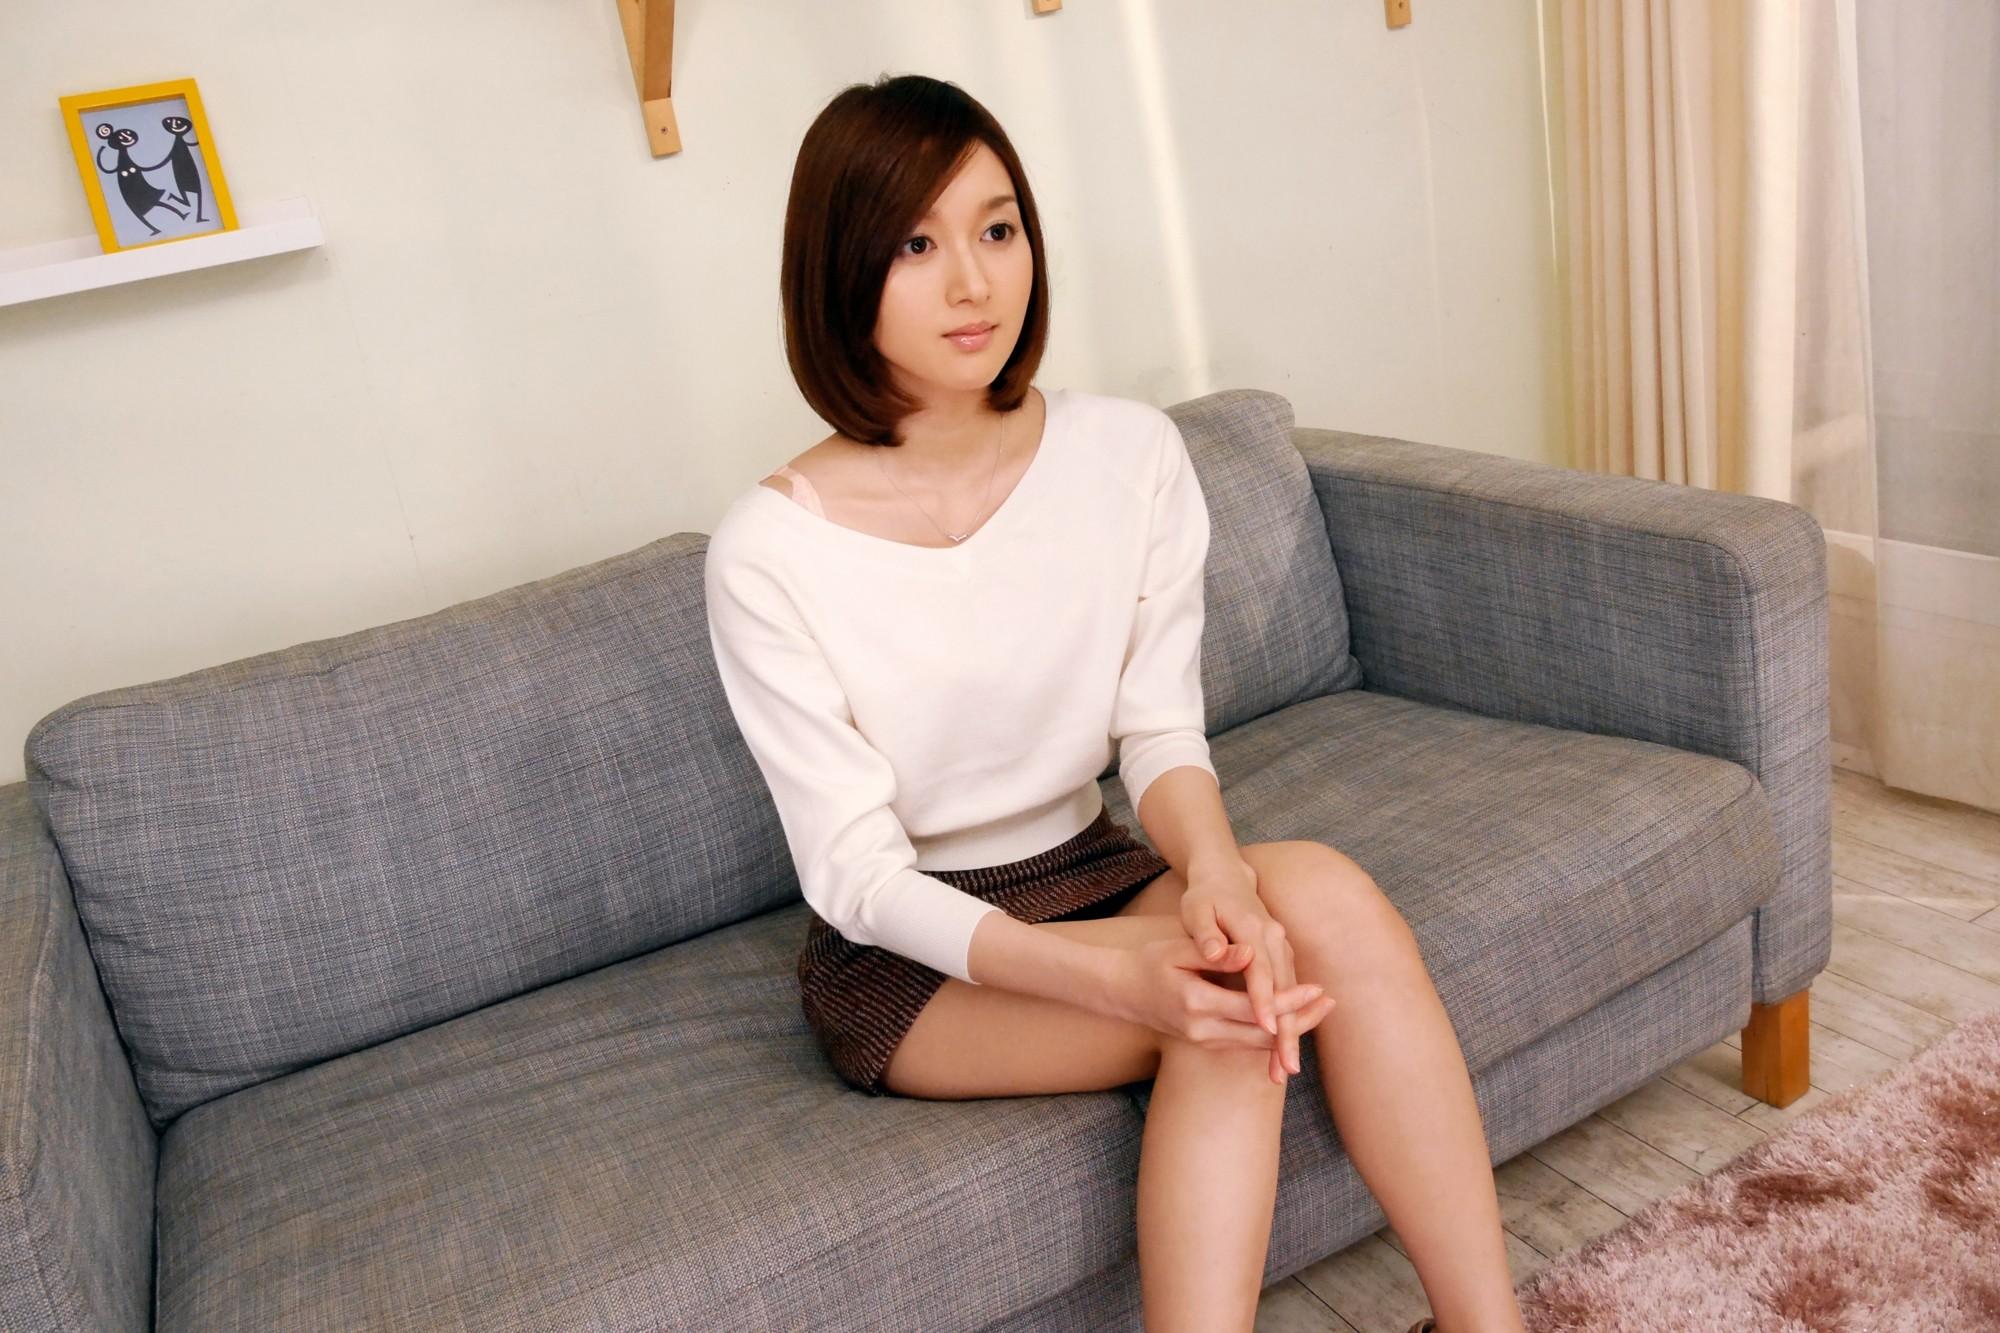 プレステージMGS 人妻画像 無料サンプル画像 この動画のサンプル画像はクリックで拡大できます。